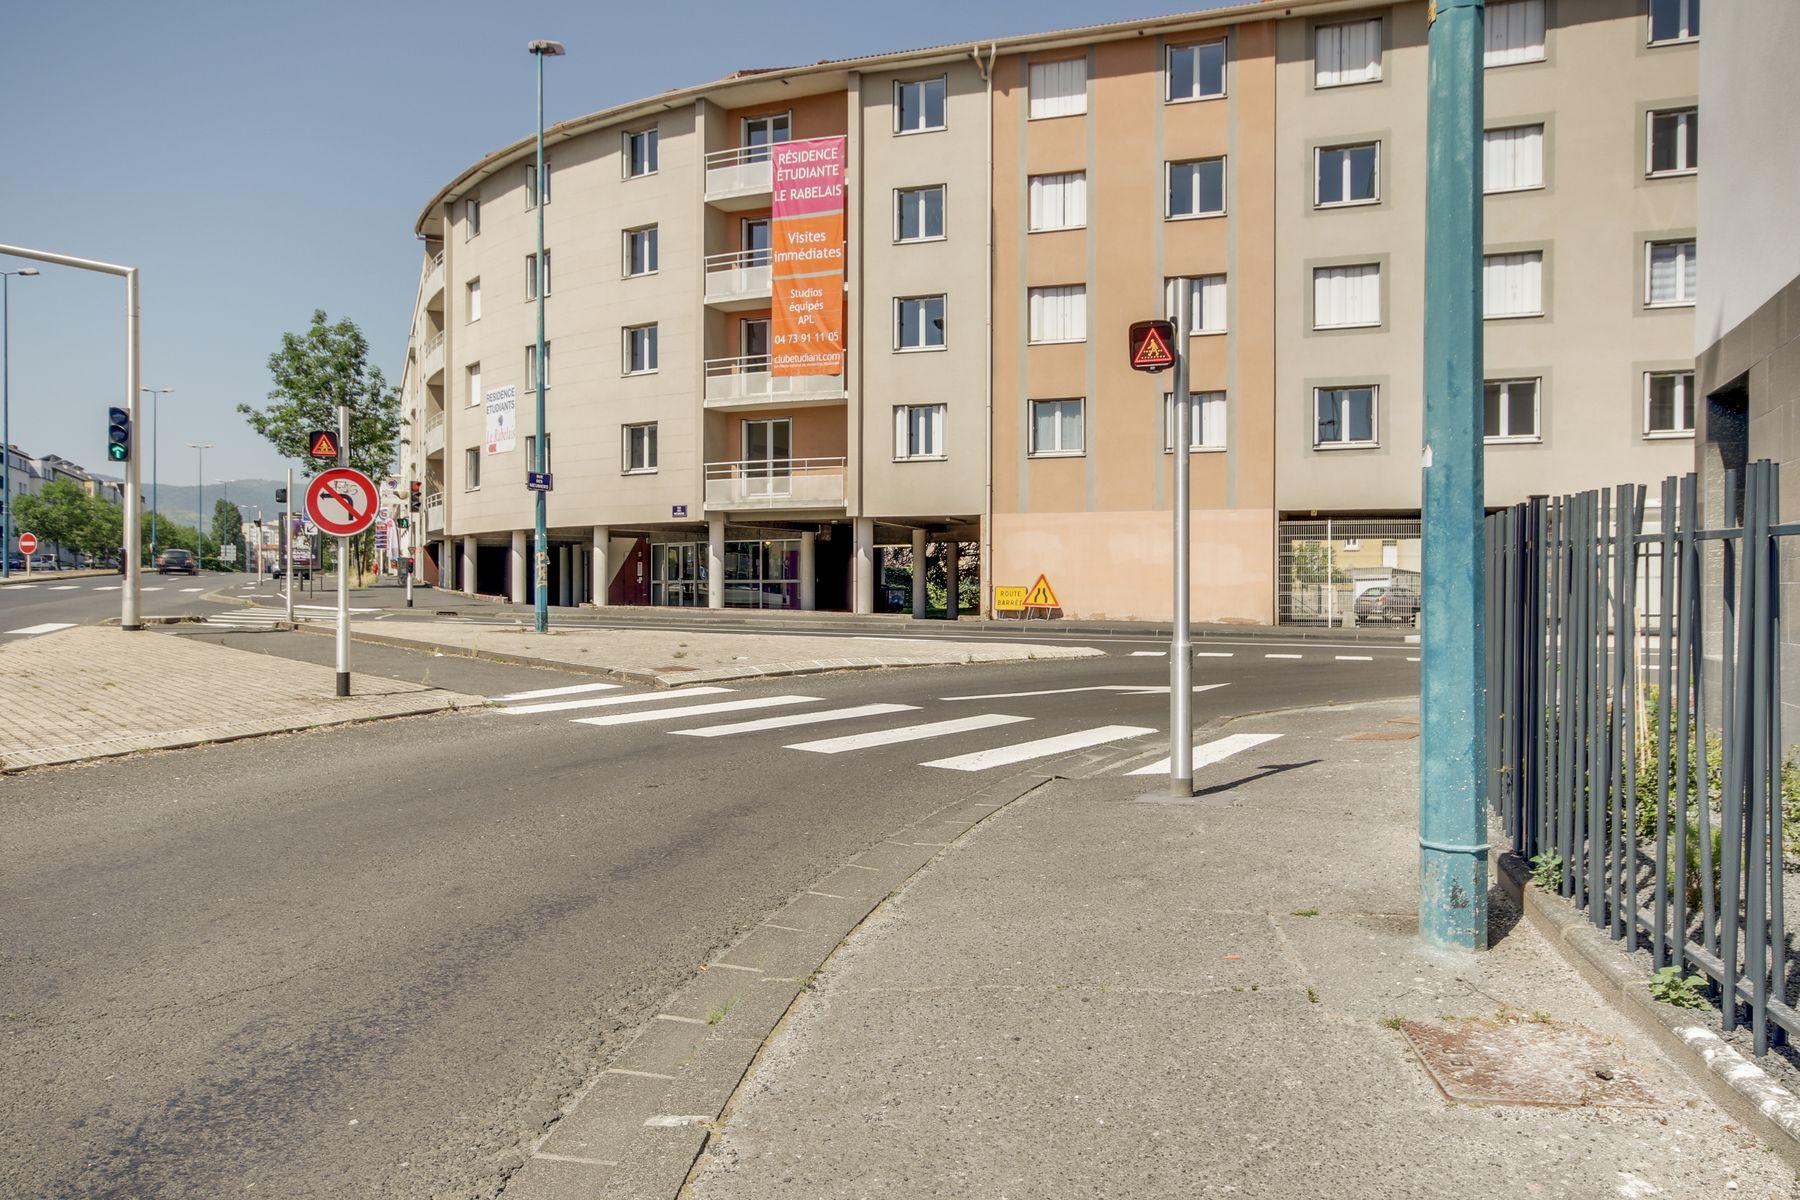 LOGIFAC résidence étudiante Rabelais Clermont-Ferrand Puy de dome